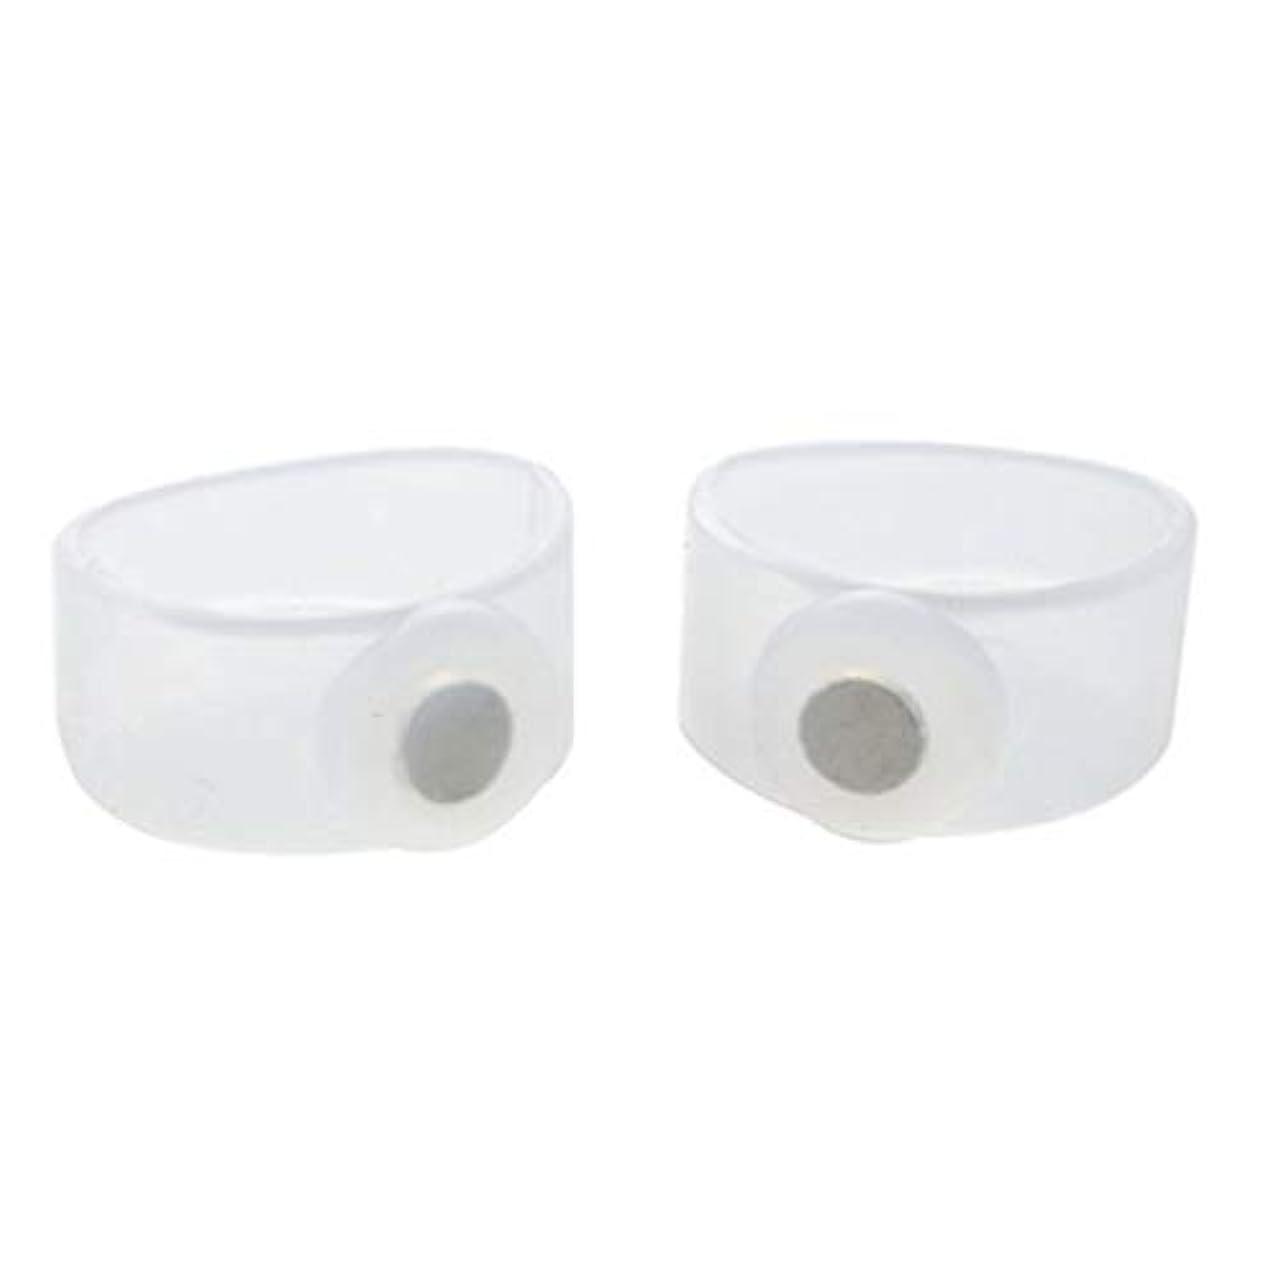 過言間違っているポーター2ピース痩身シリコン磁気フットマッサージャーマッサージリラックスつま先リング用減量ヘルスケアツール美容製品 - 透明